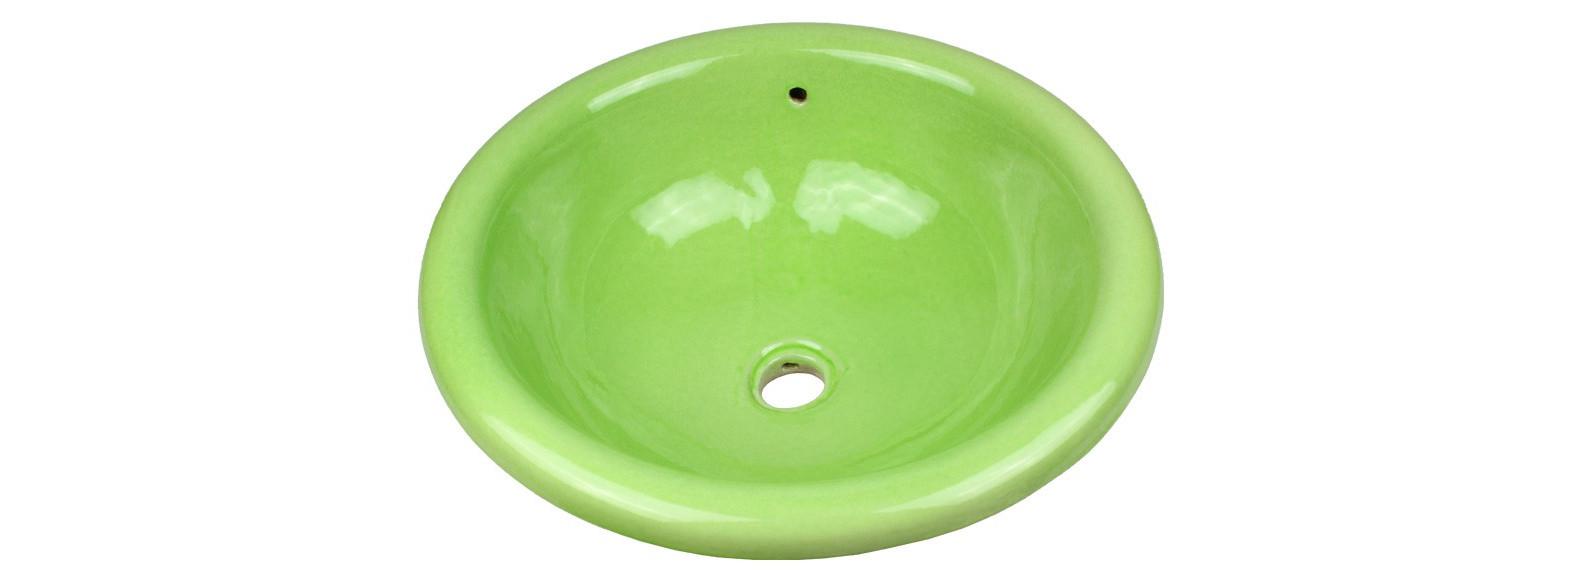 vasque a encastrer artisanale verte